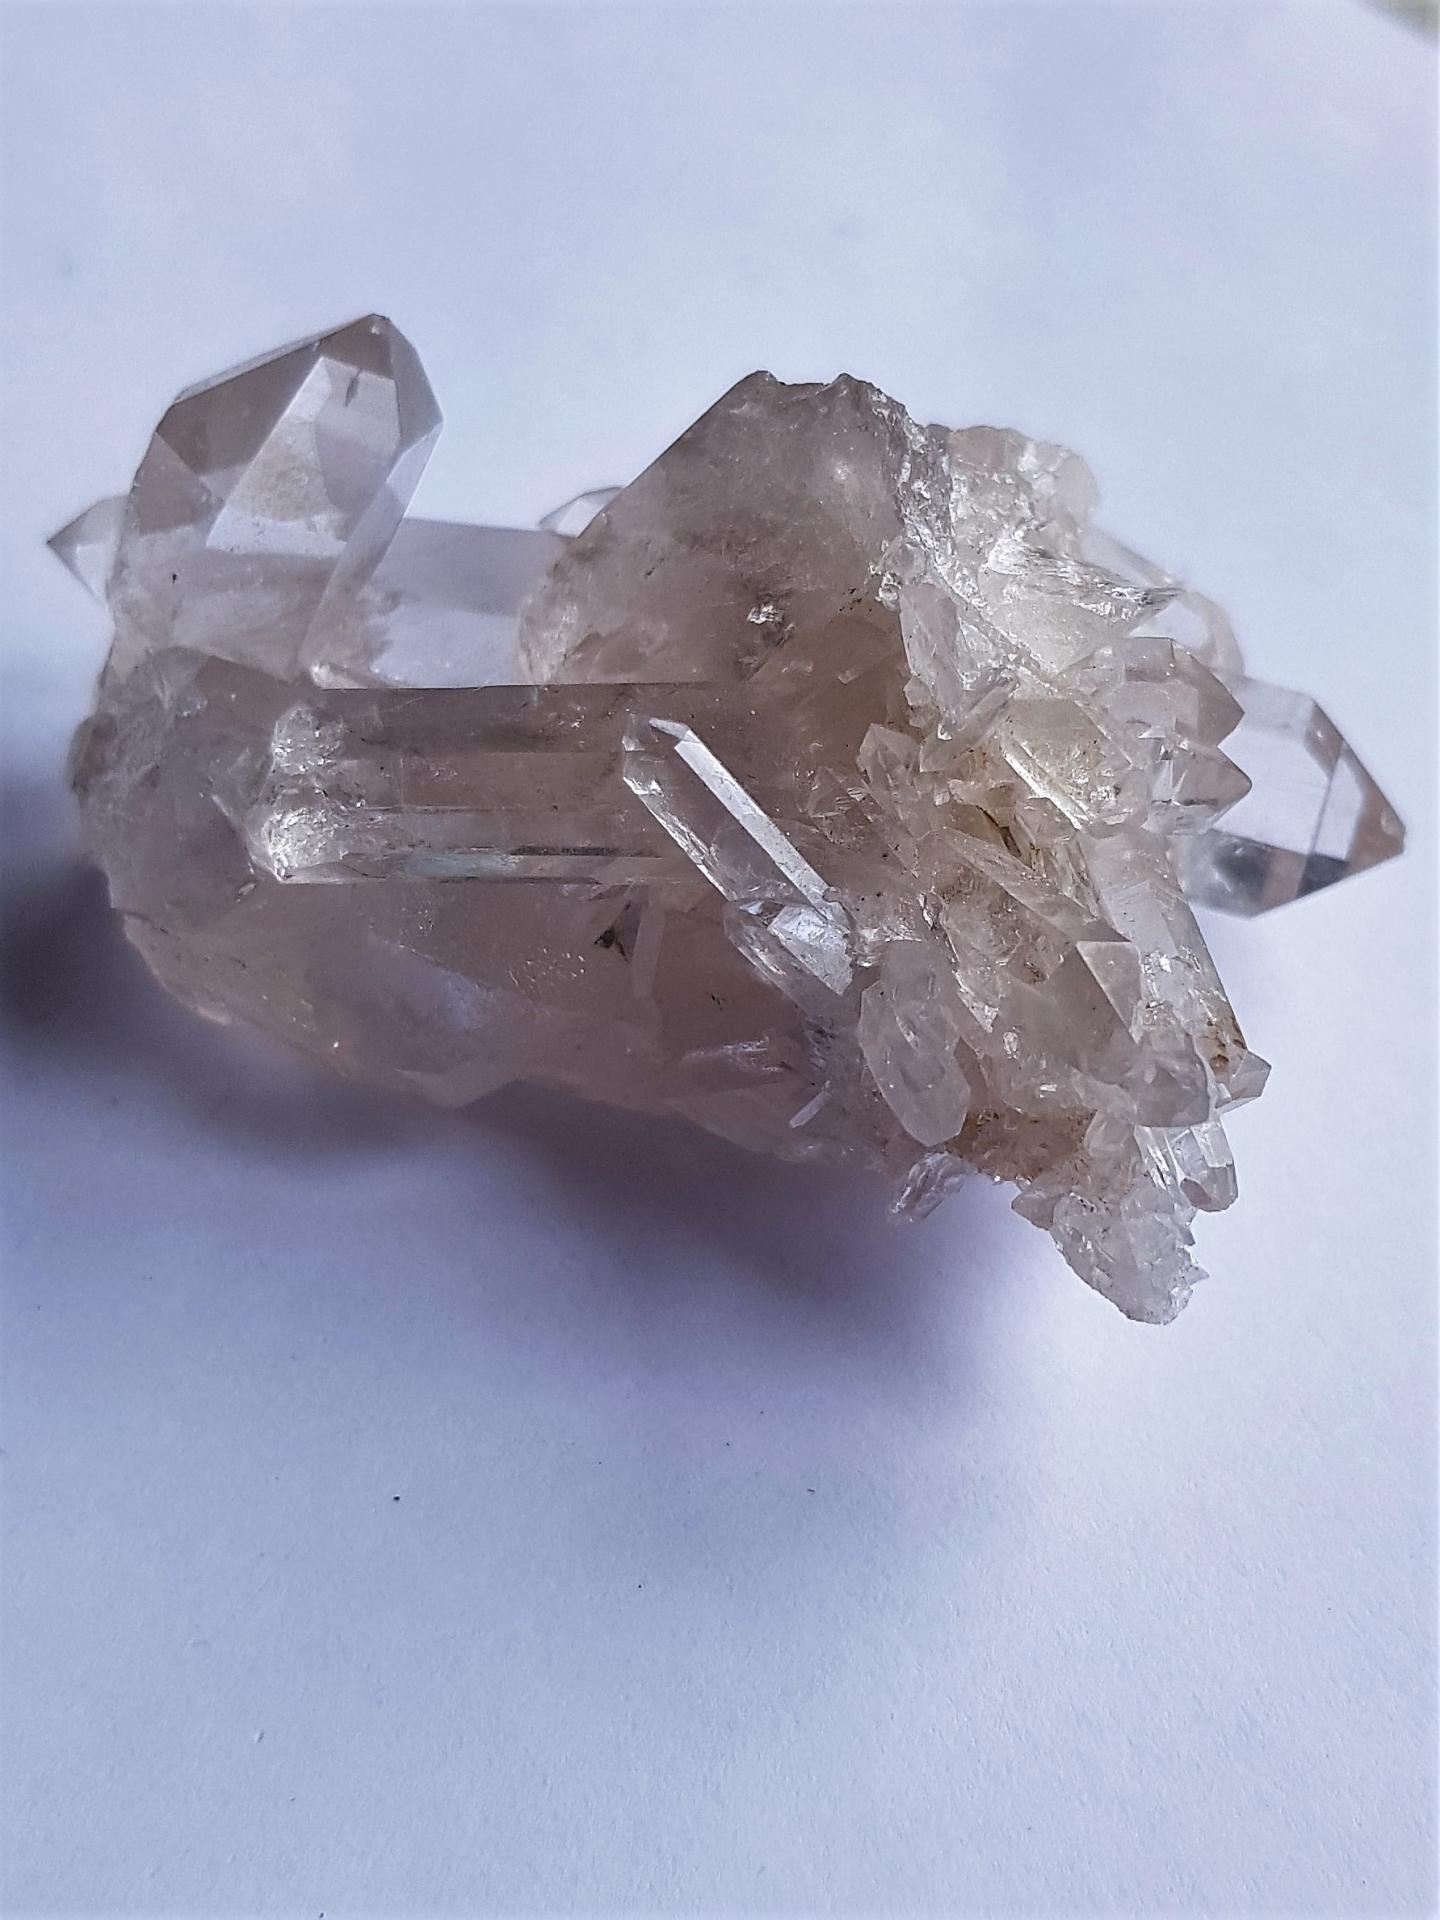 Cristal de roche vaujanie 1